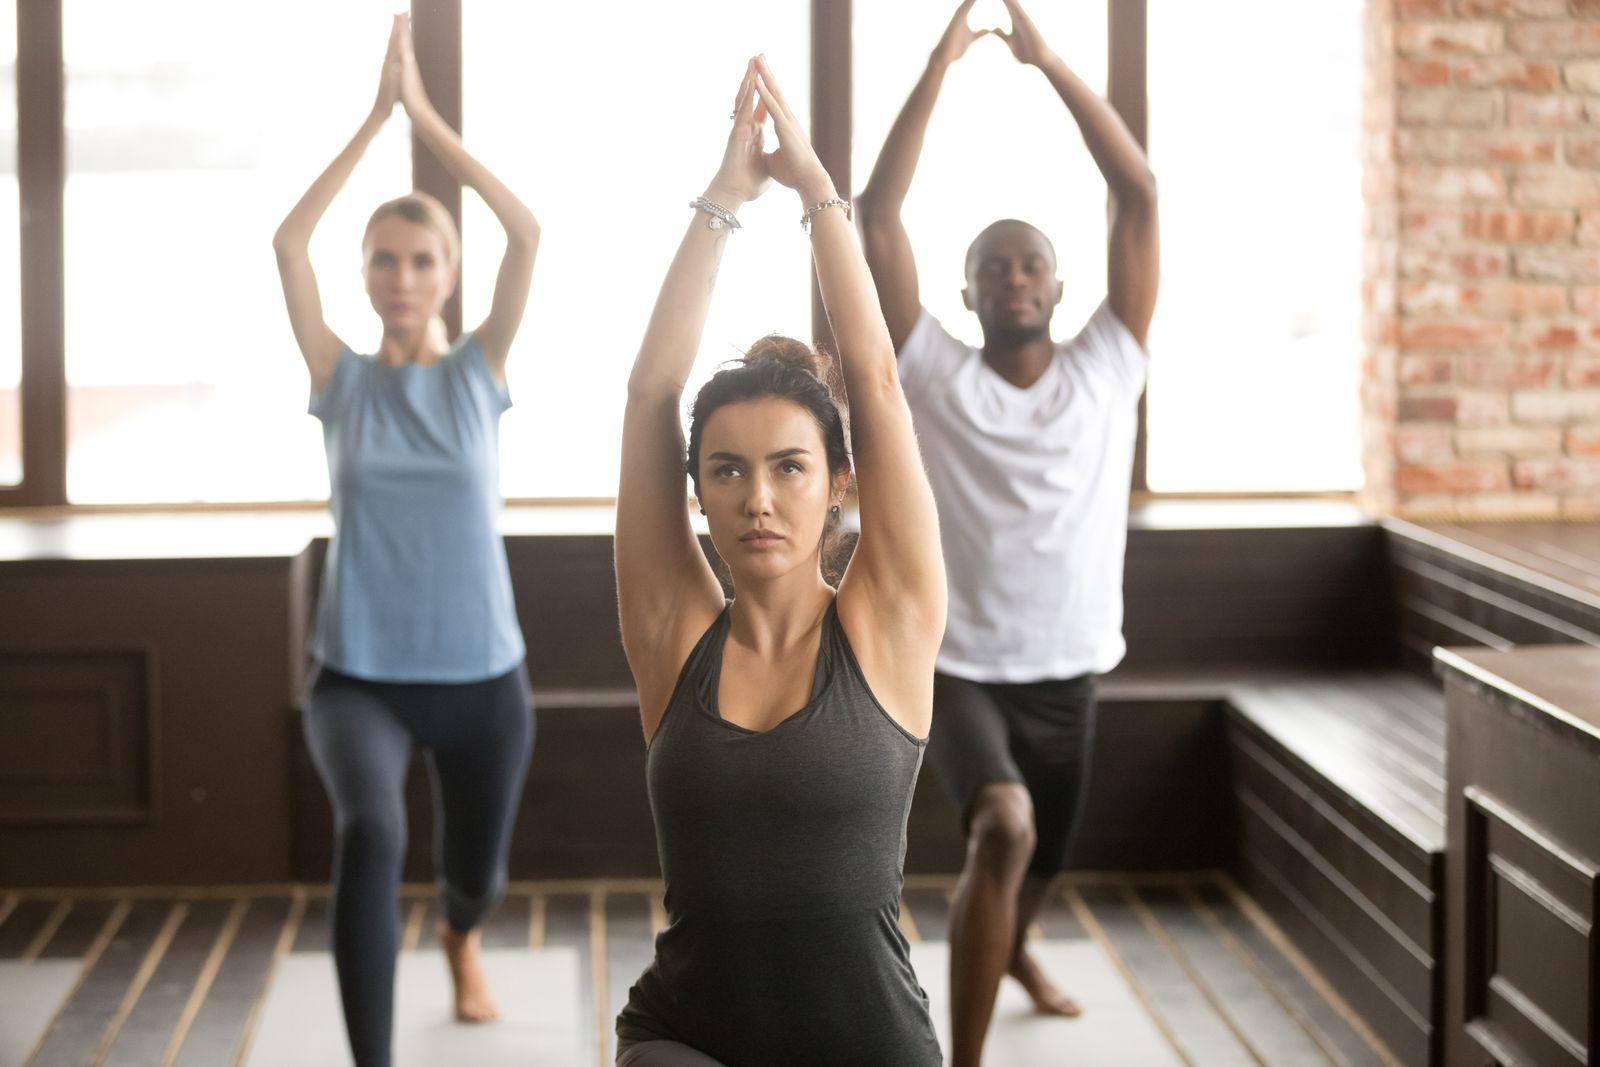 Hirnforschung/ Yoga/ der Kämpfer